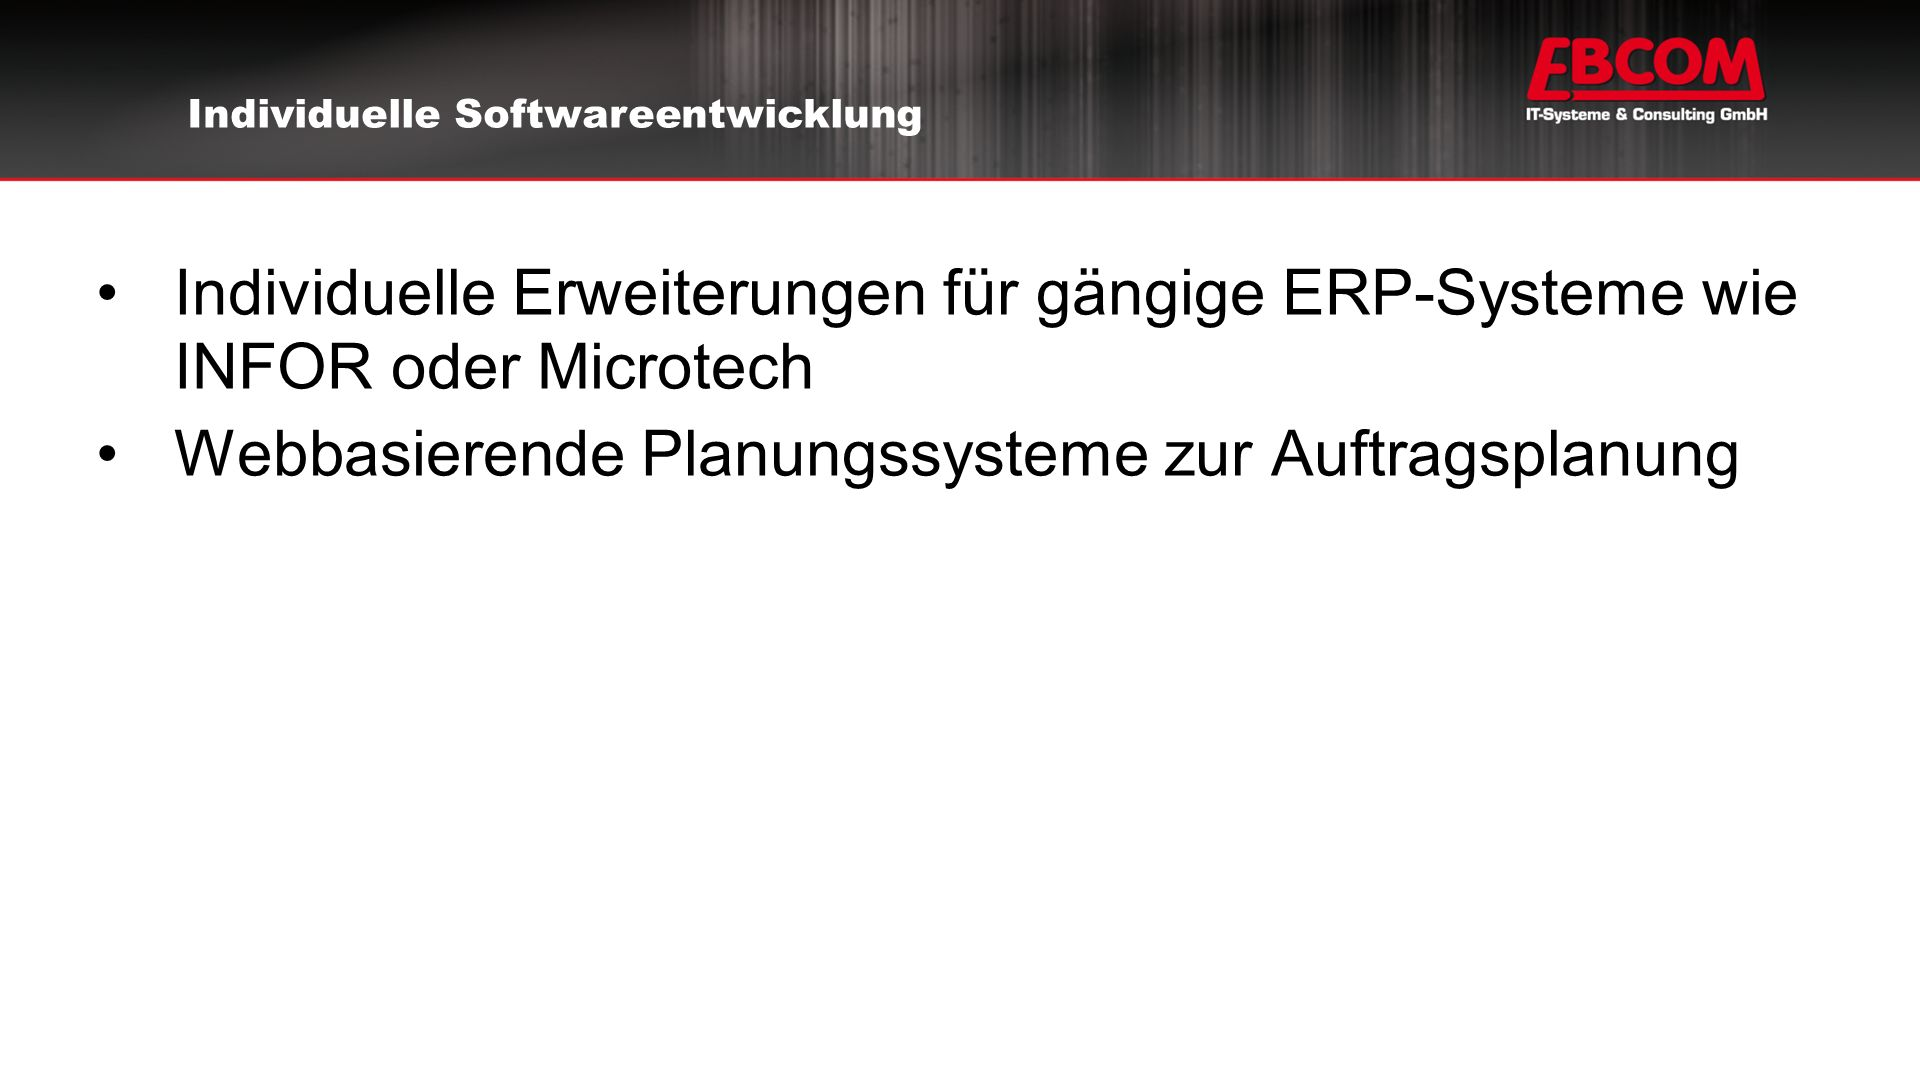 Individuelle Erweiterungen für gängige ERP-Systeme wie INFOR oder Microtech Webbasierende Planungssysteme zur Auftragsplanung Individuelle Softwareentwicklung